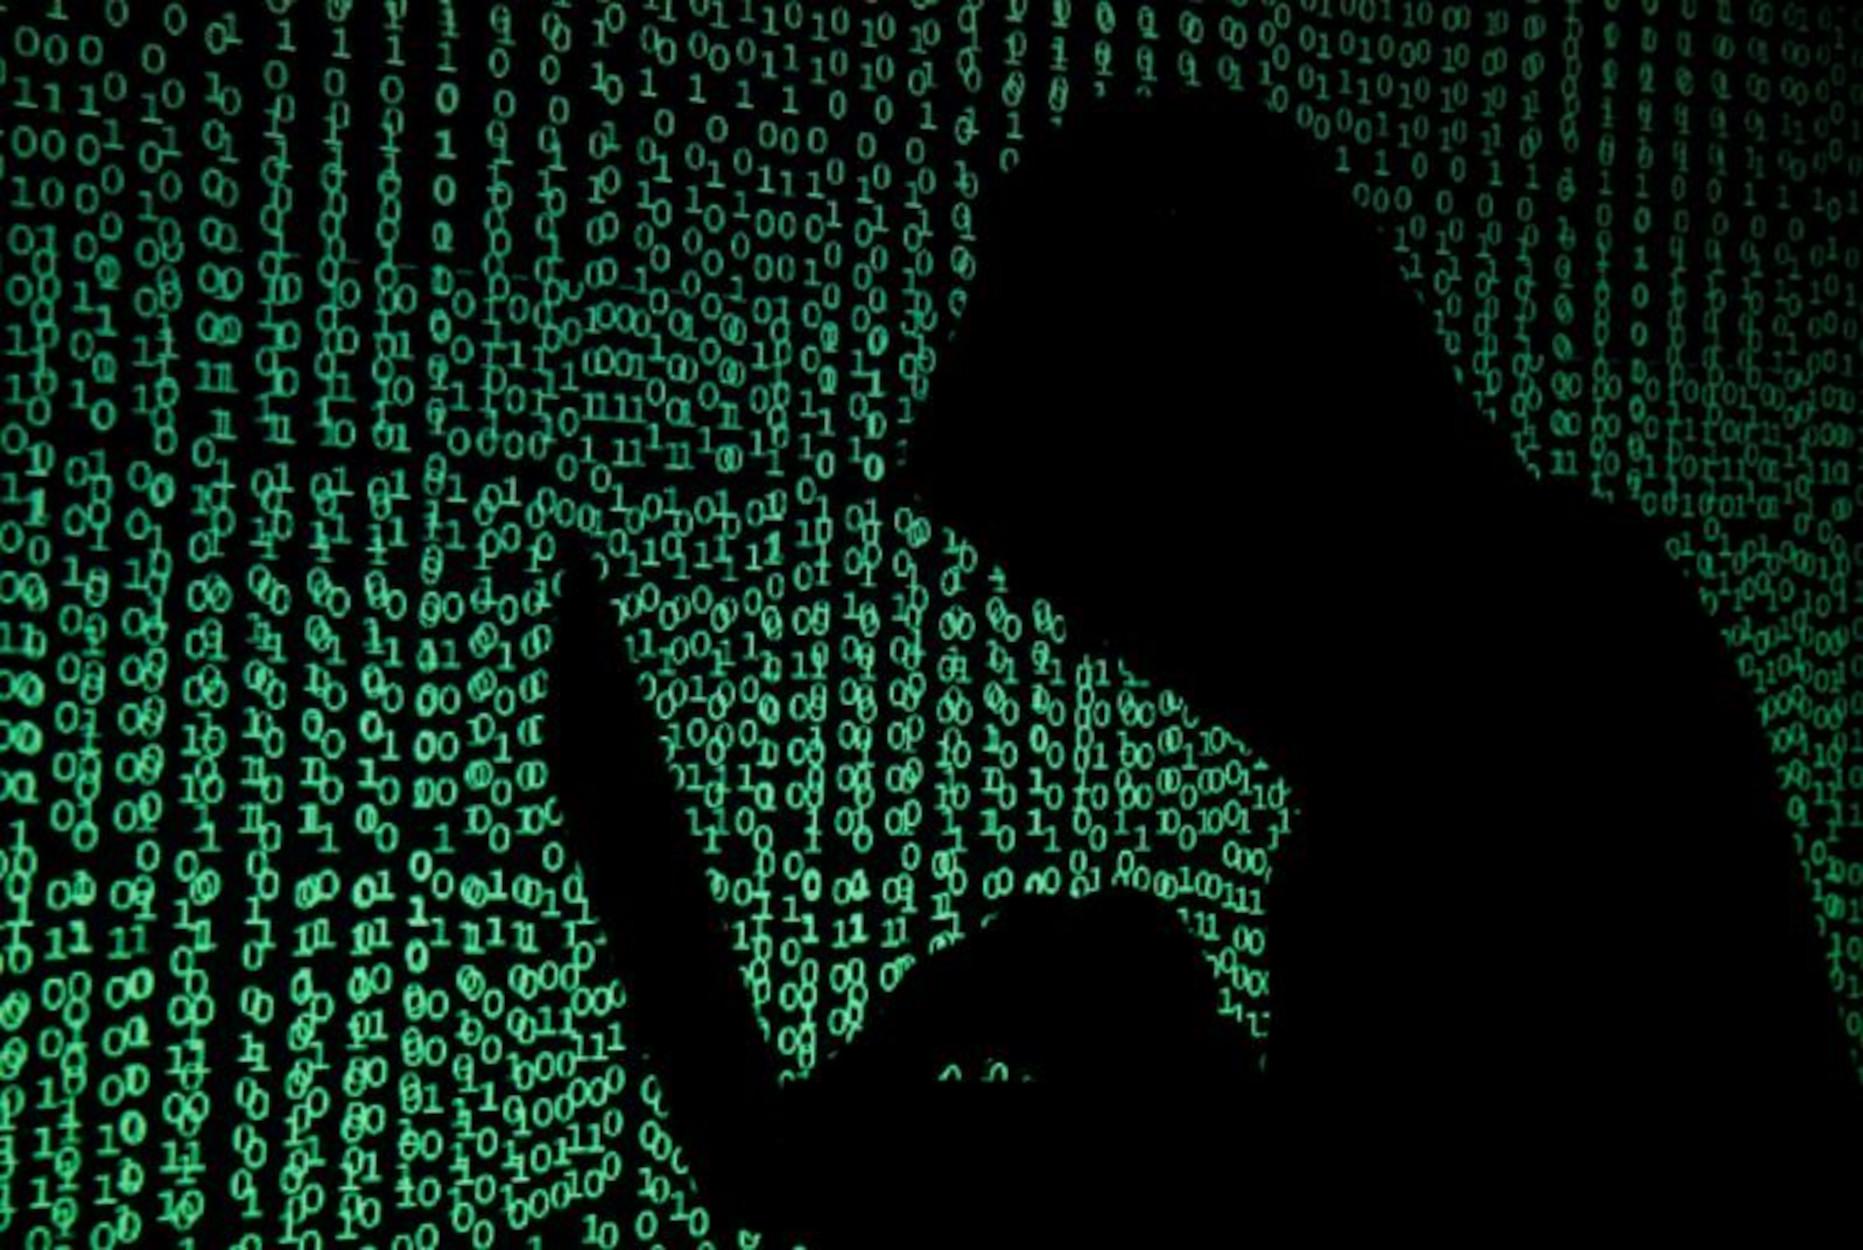 Έκλεβαν κωδικούς μέσω ίντερνετ και «ξάφριζαν» κάρτες και λογαριασμούς